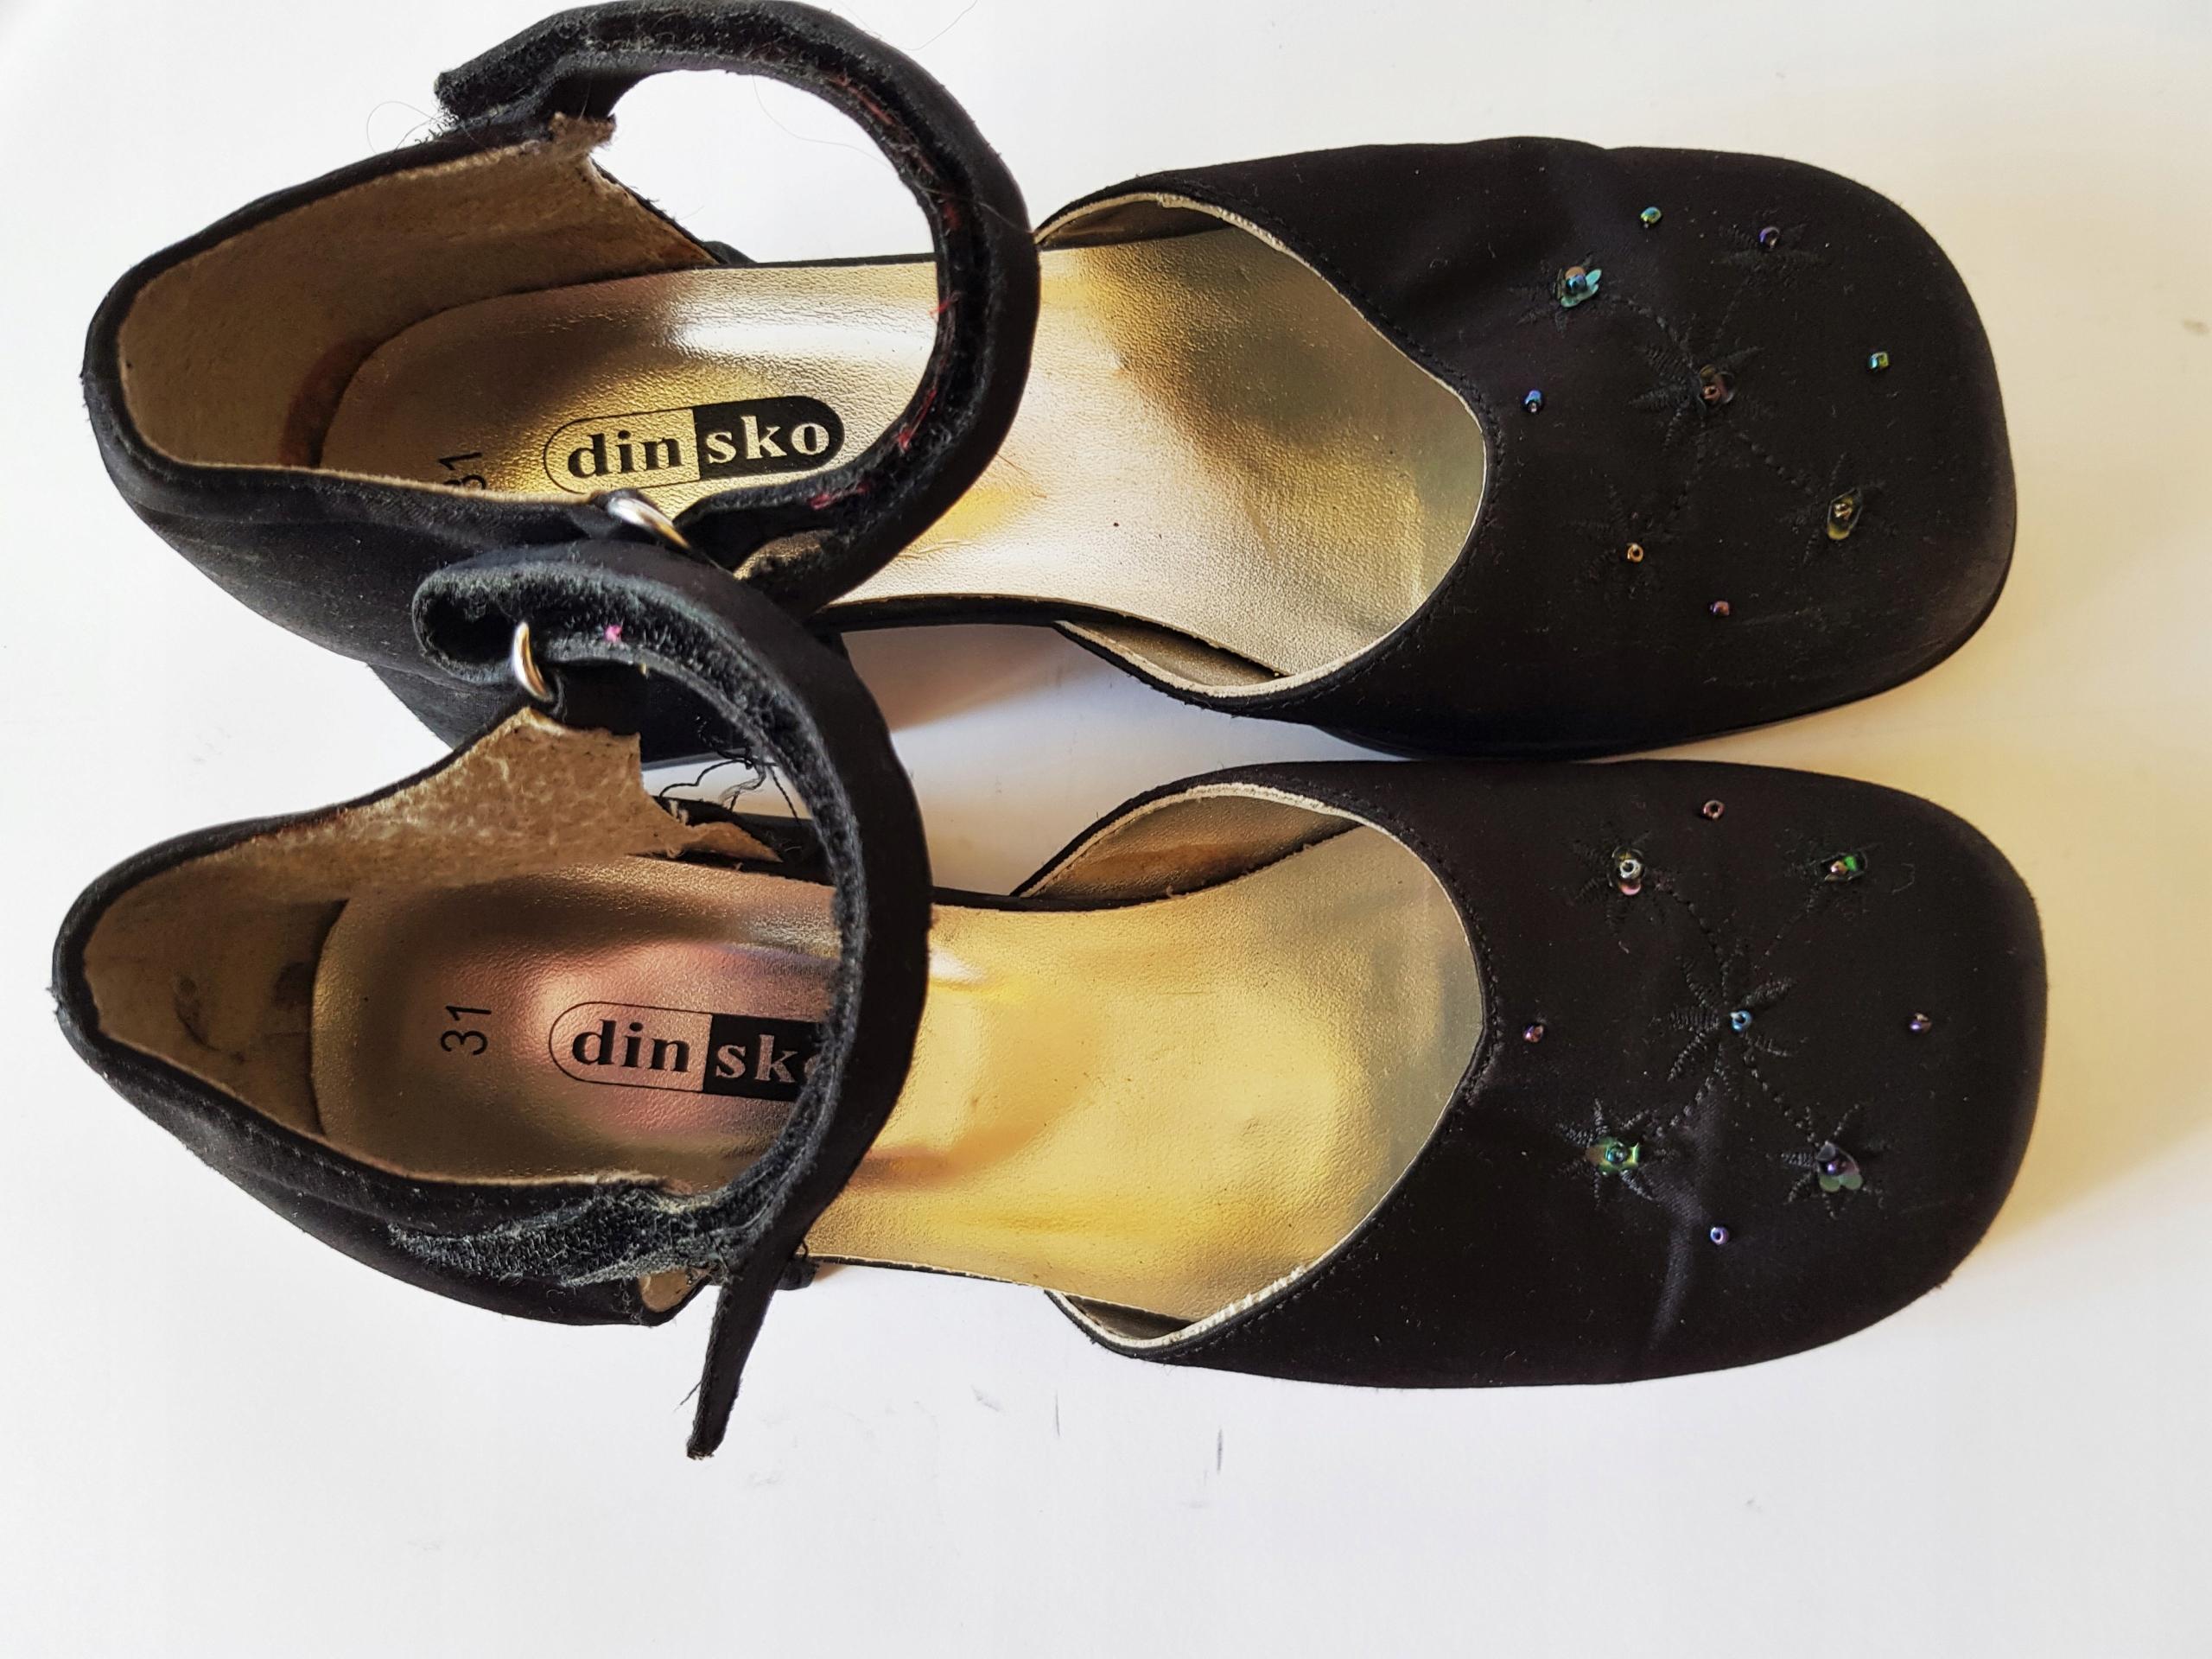 DINSKO Szwedzkie eleganckie sandałki dziewczęce 31